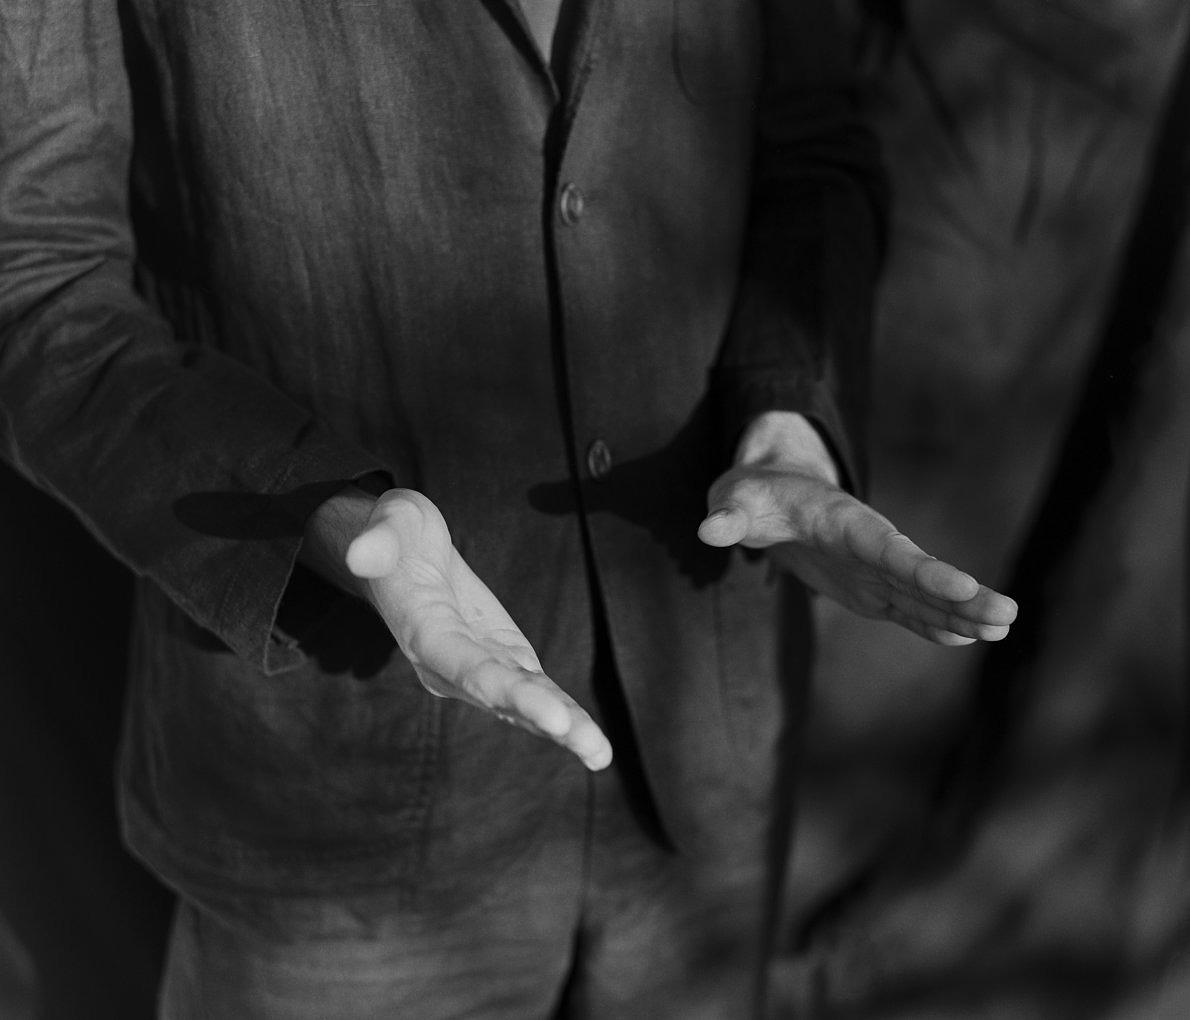 We are the ones turning - Ana Zibelnik  - Phases Magazine